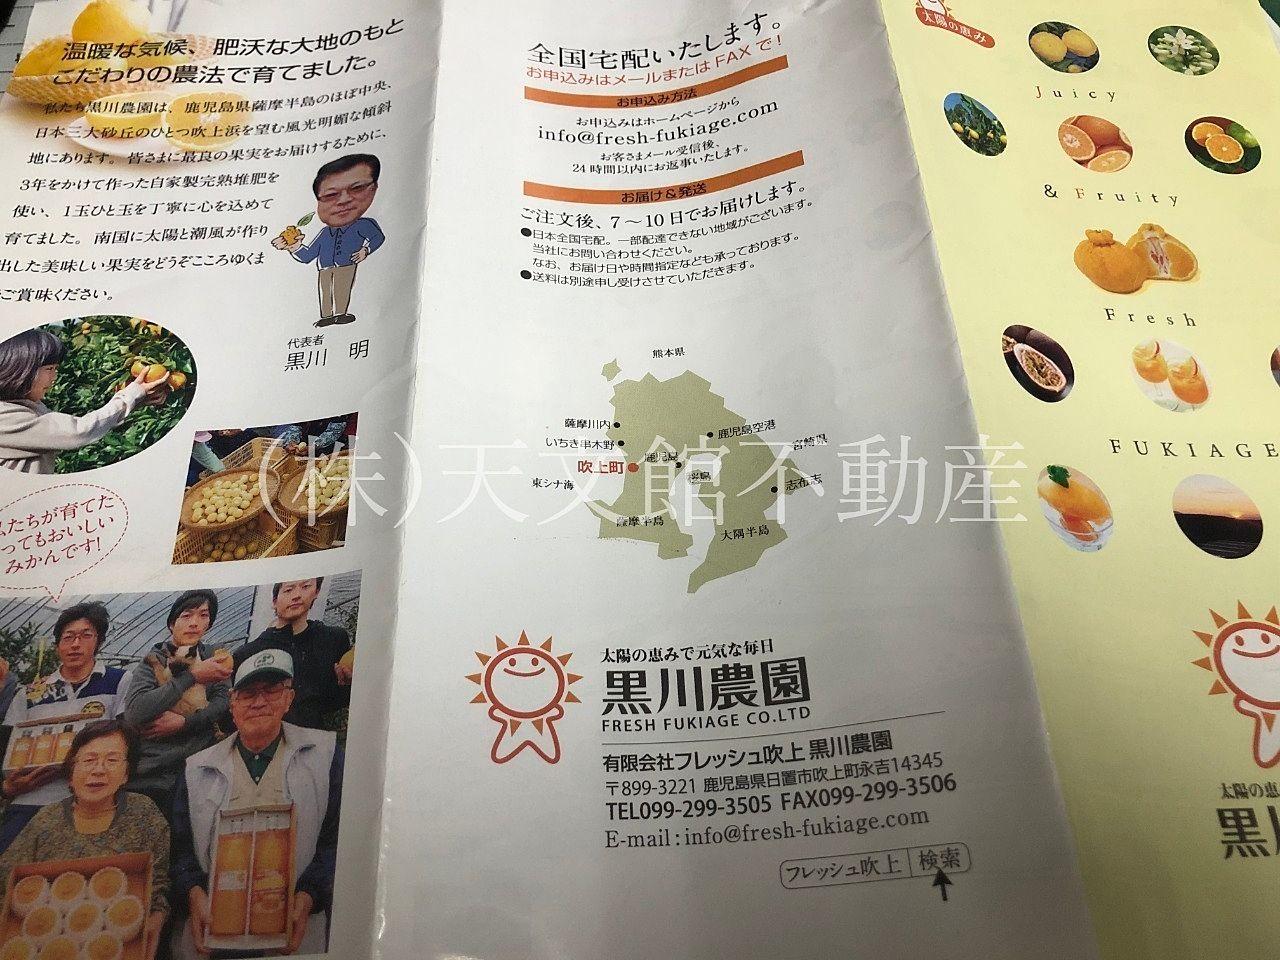 チェスト館 黒川農園 パンフレット1